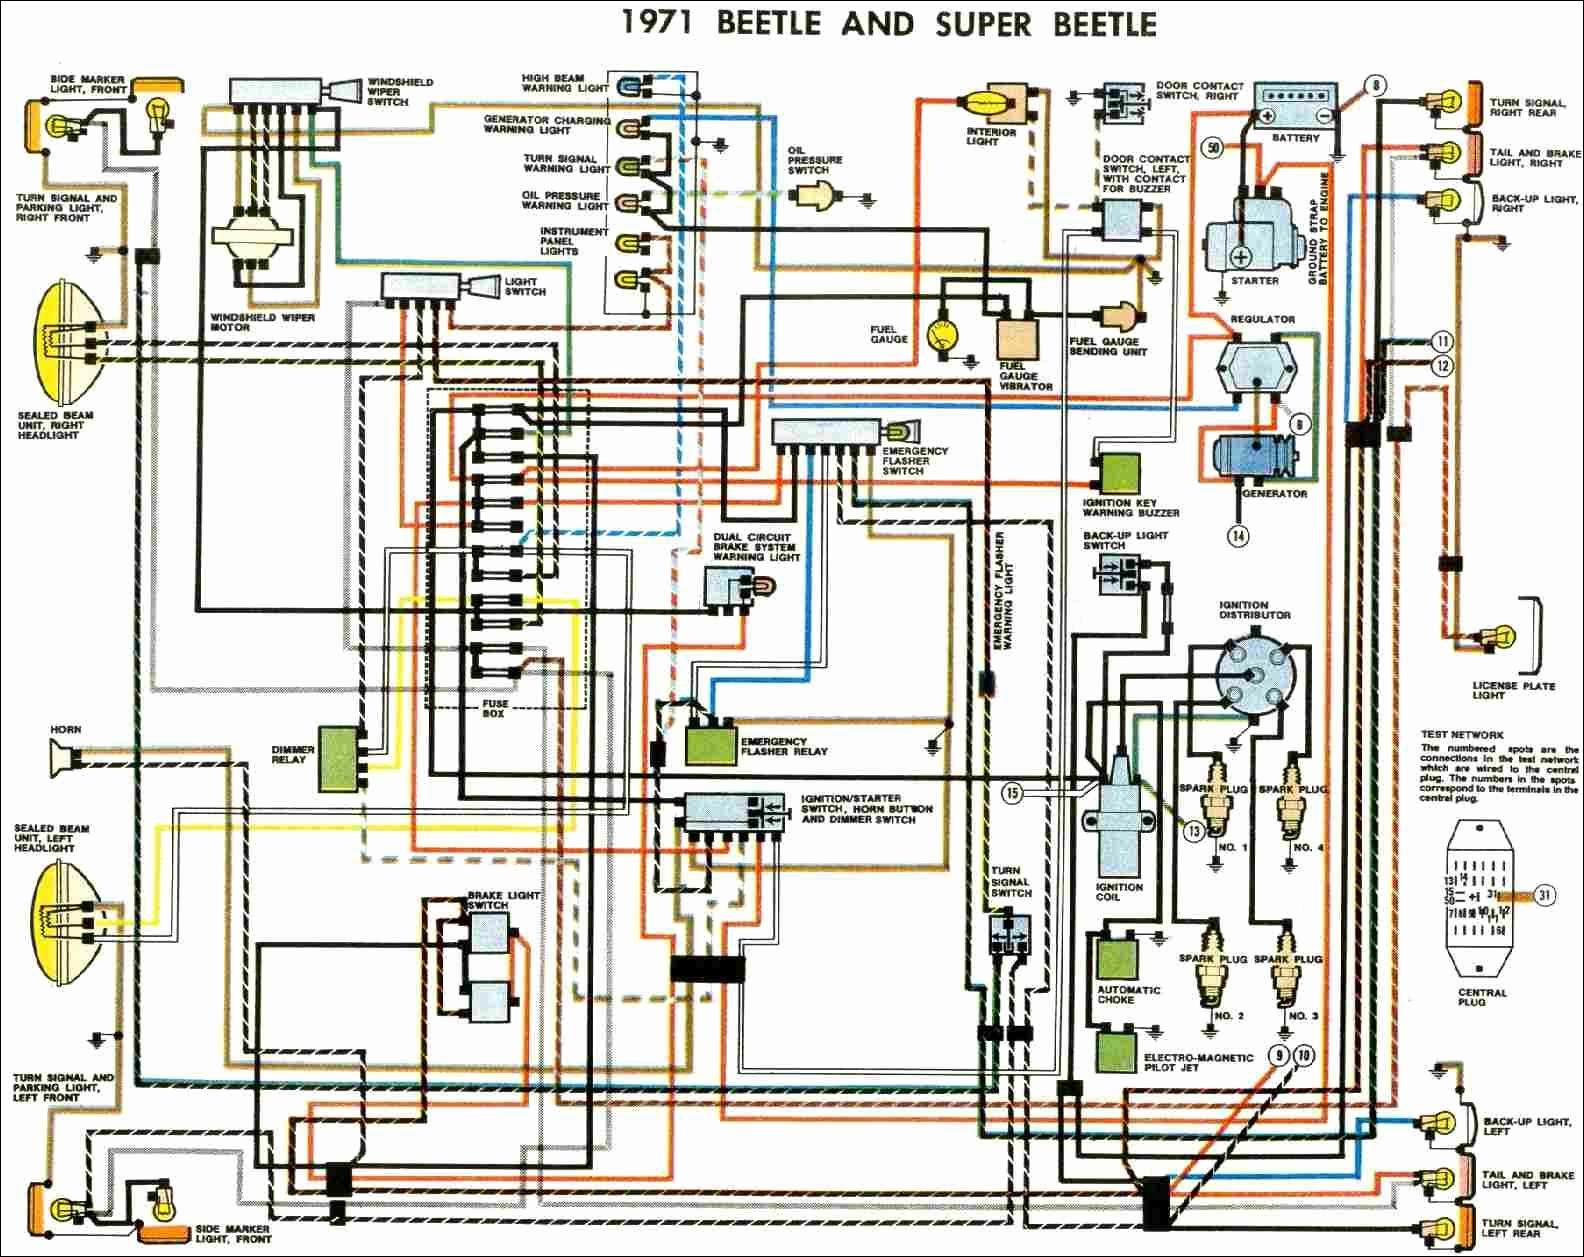 Schema electrique kubota b6000  boisecoconceptfr